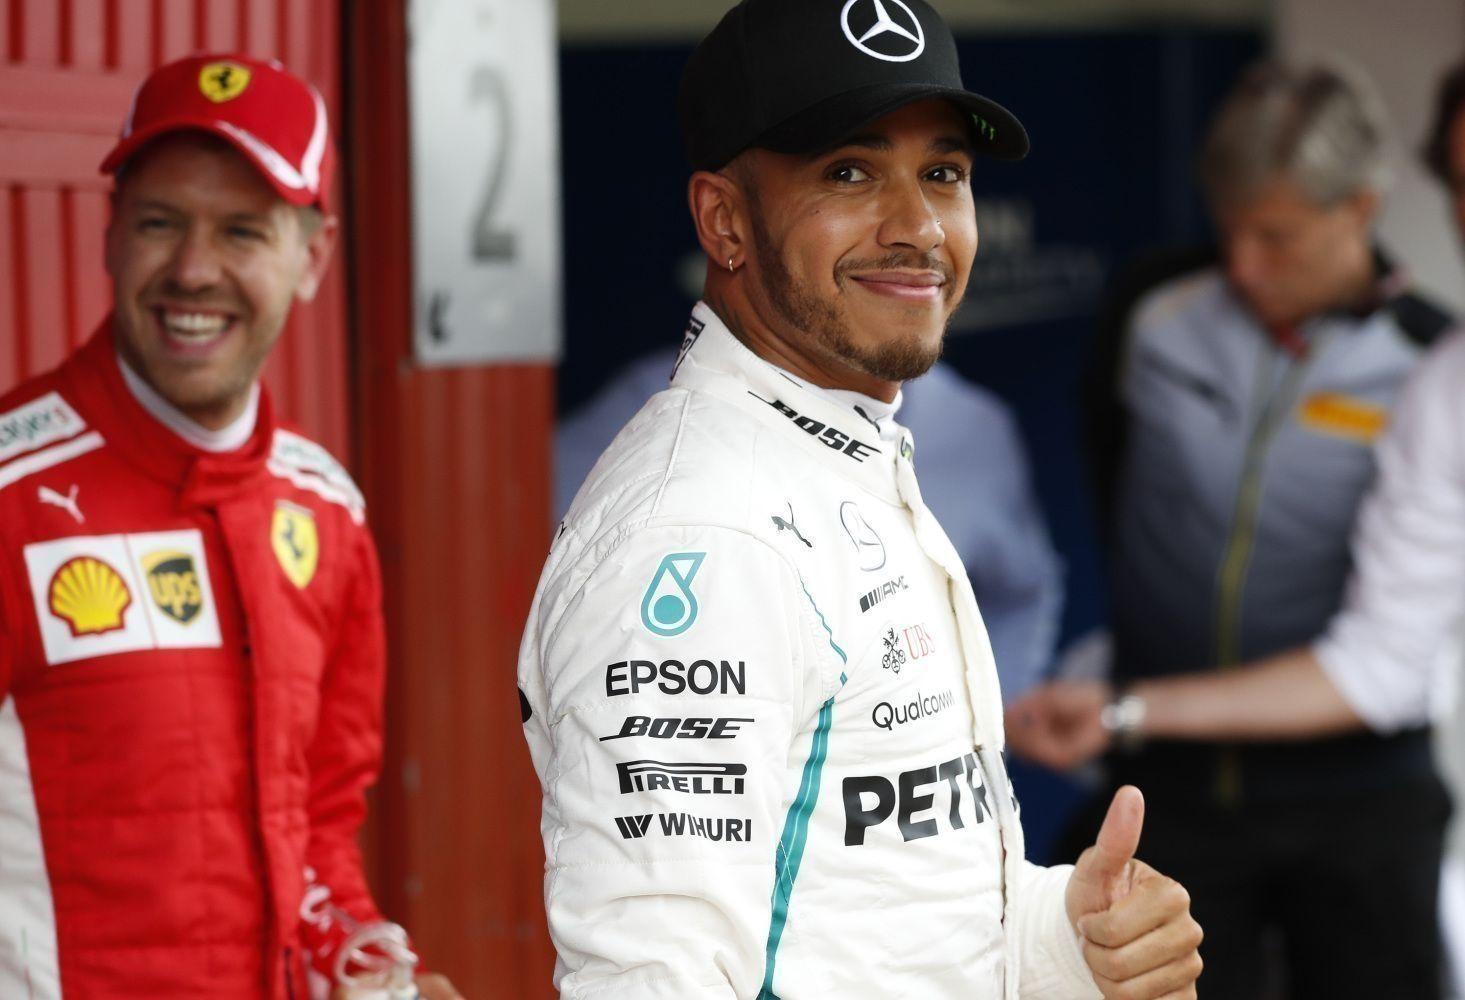 © Mercedes - Seul Lewis Hamilton a encore le sourire à la fin du Grand Prix d'Espagne